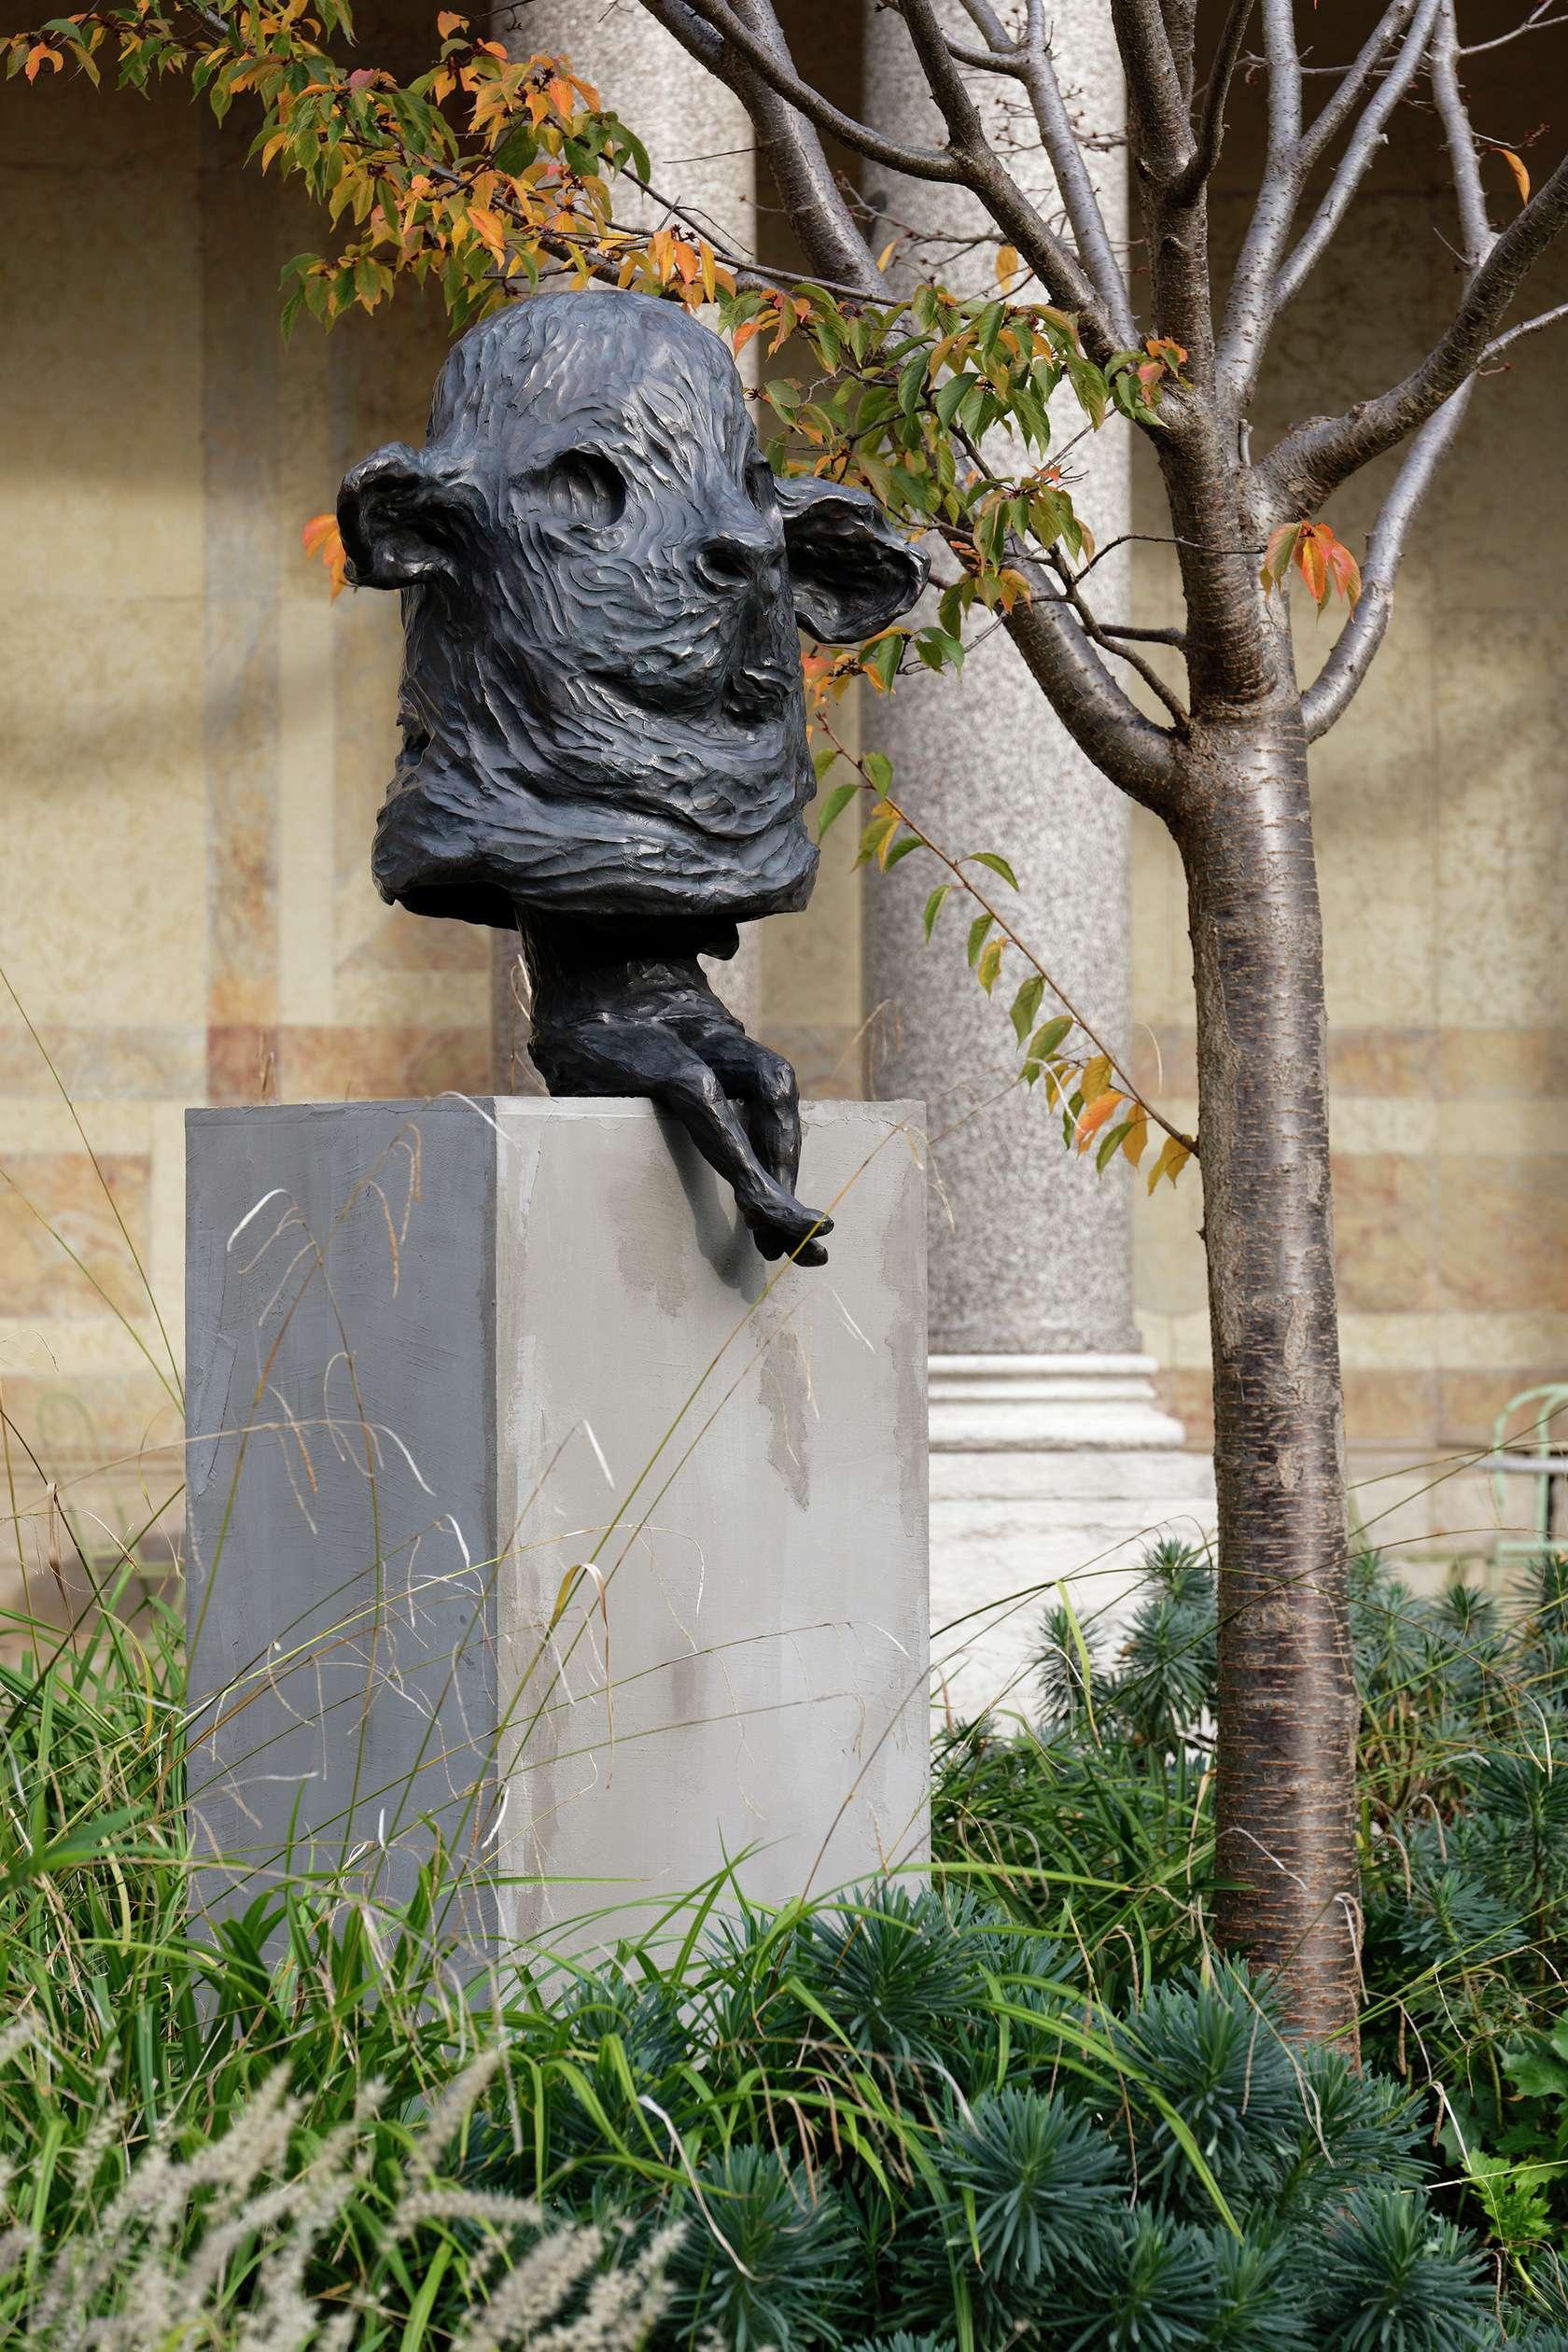 Françoise Pétrovitch, Sentinelle, 2015 Bronze - Édition de 8 + 4 EA113 × 90 × 57 cm / 44 1/2 × 35 3/8 × 22 1/2 in.